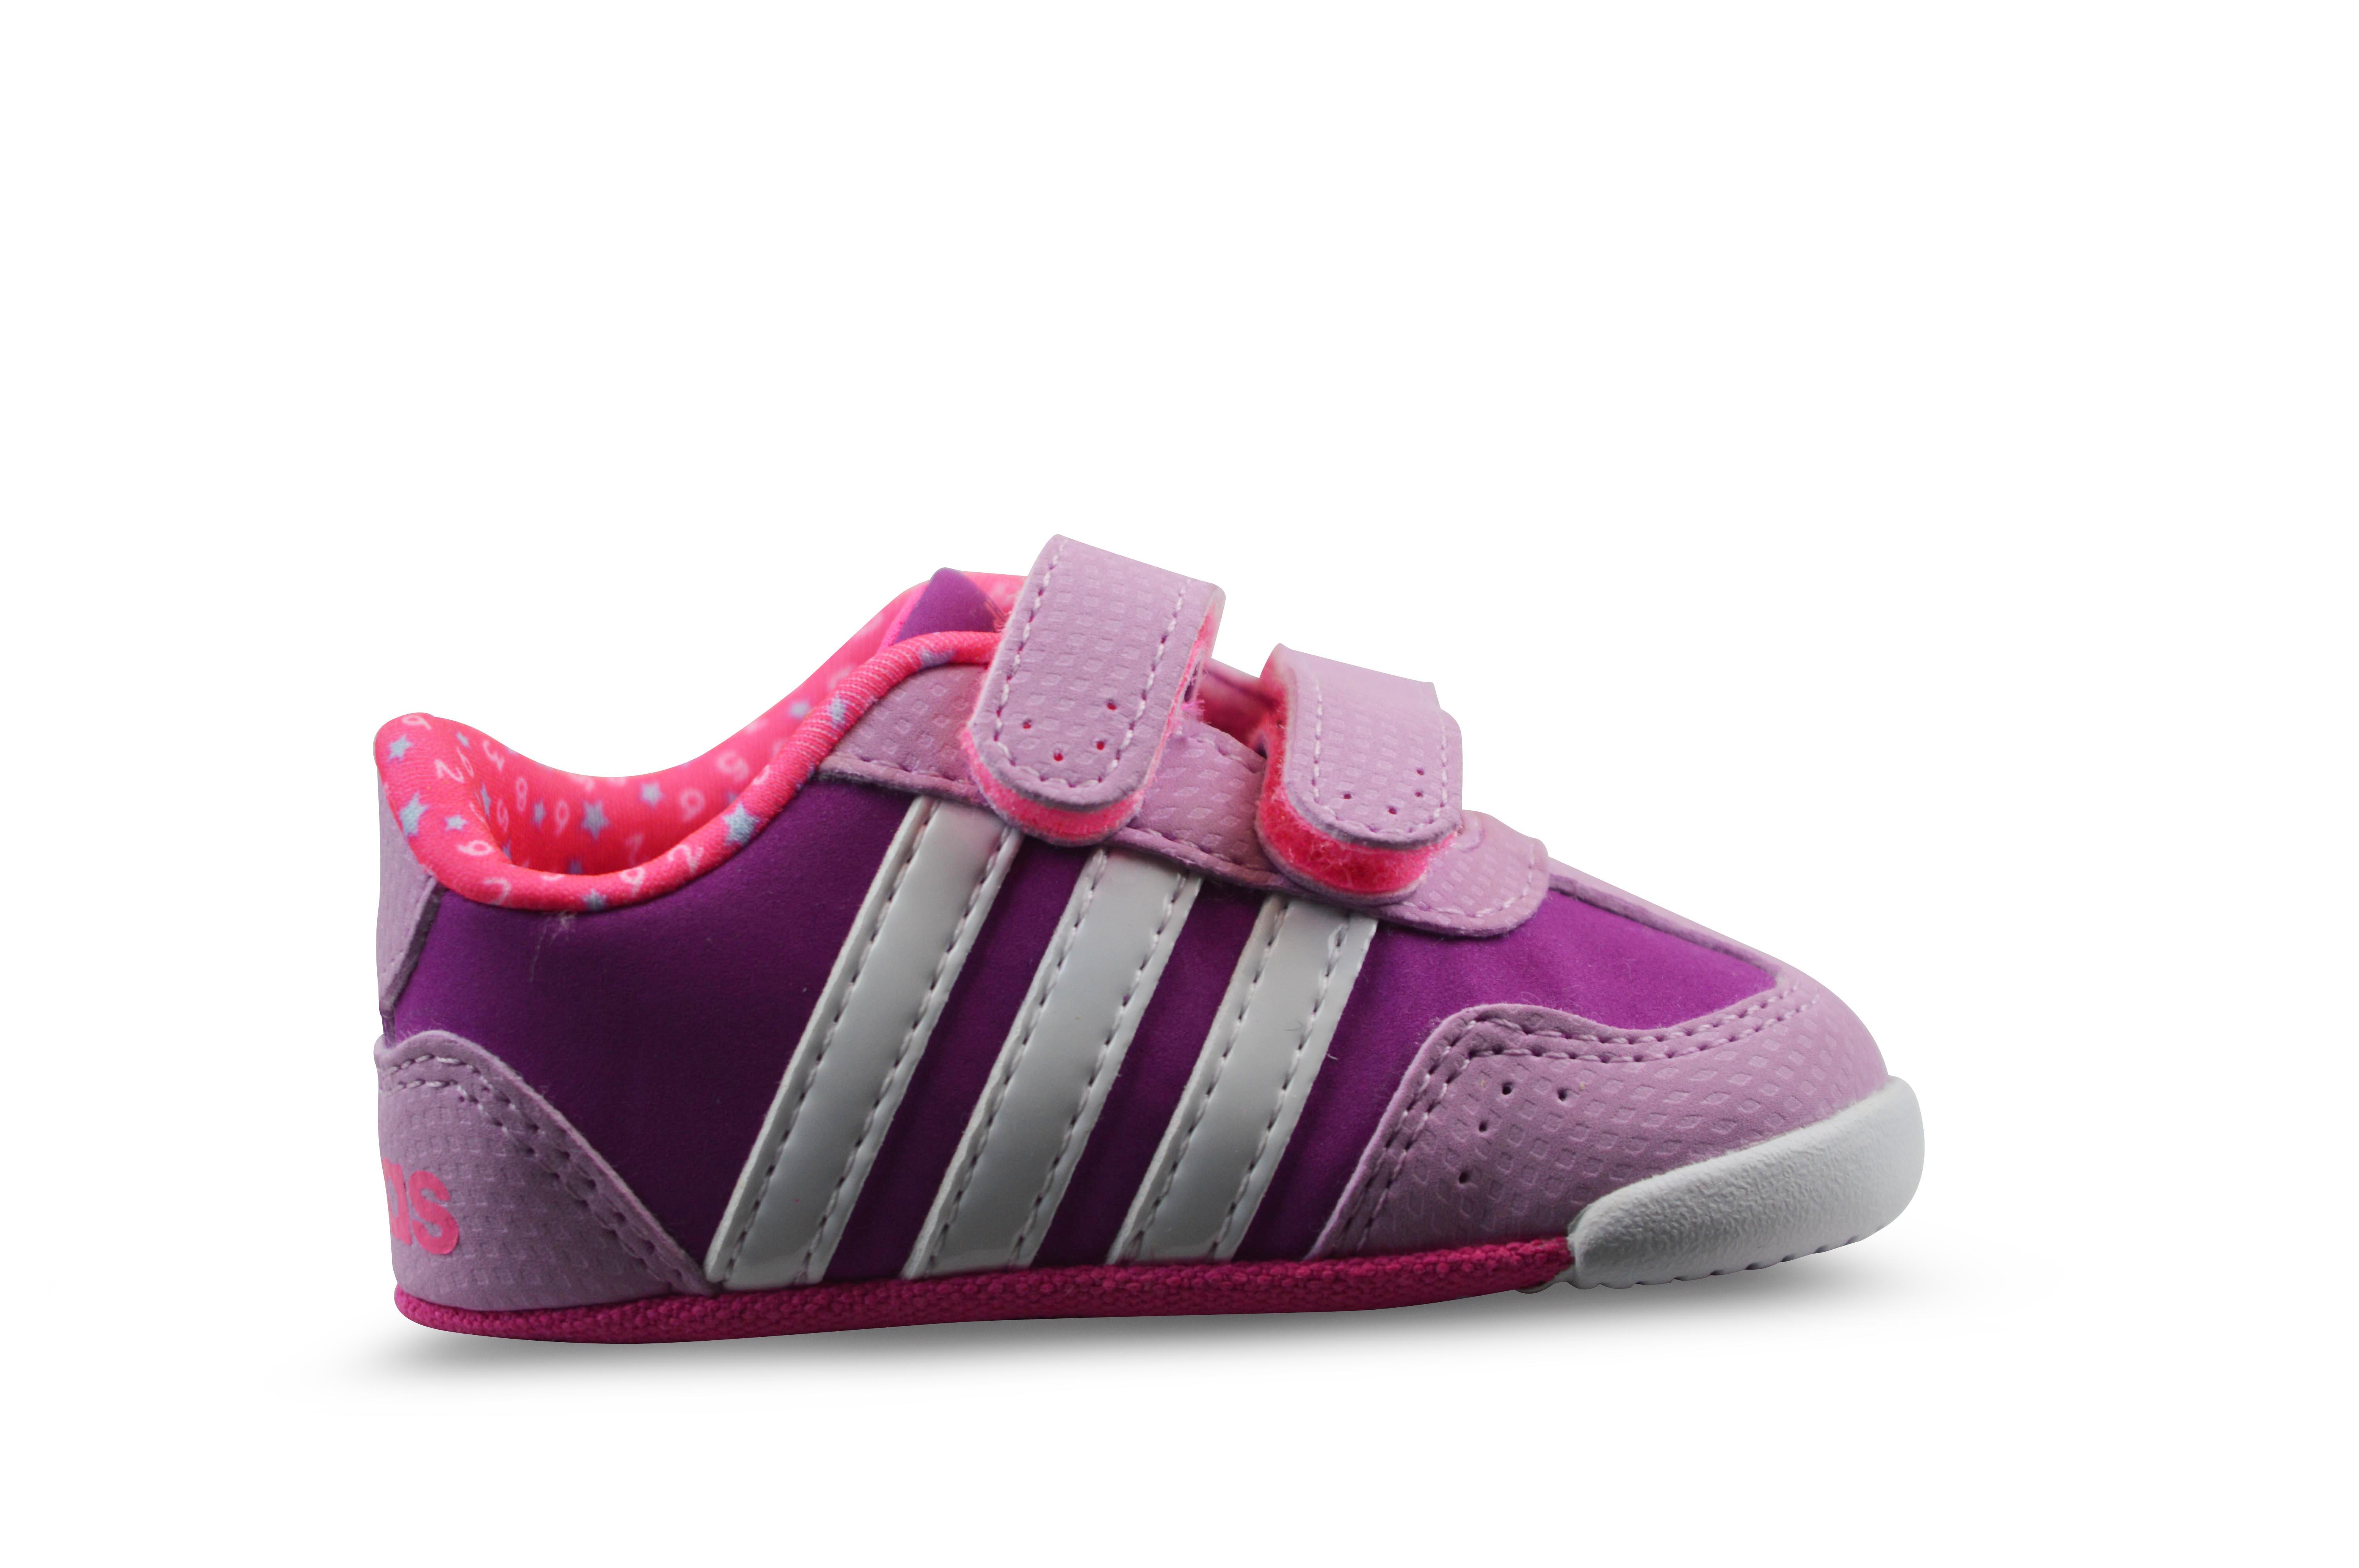 Promotion de groupe chaussure bebe adidas pas cher.Dédié à